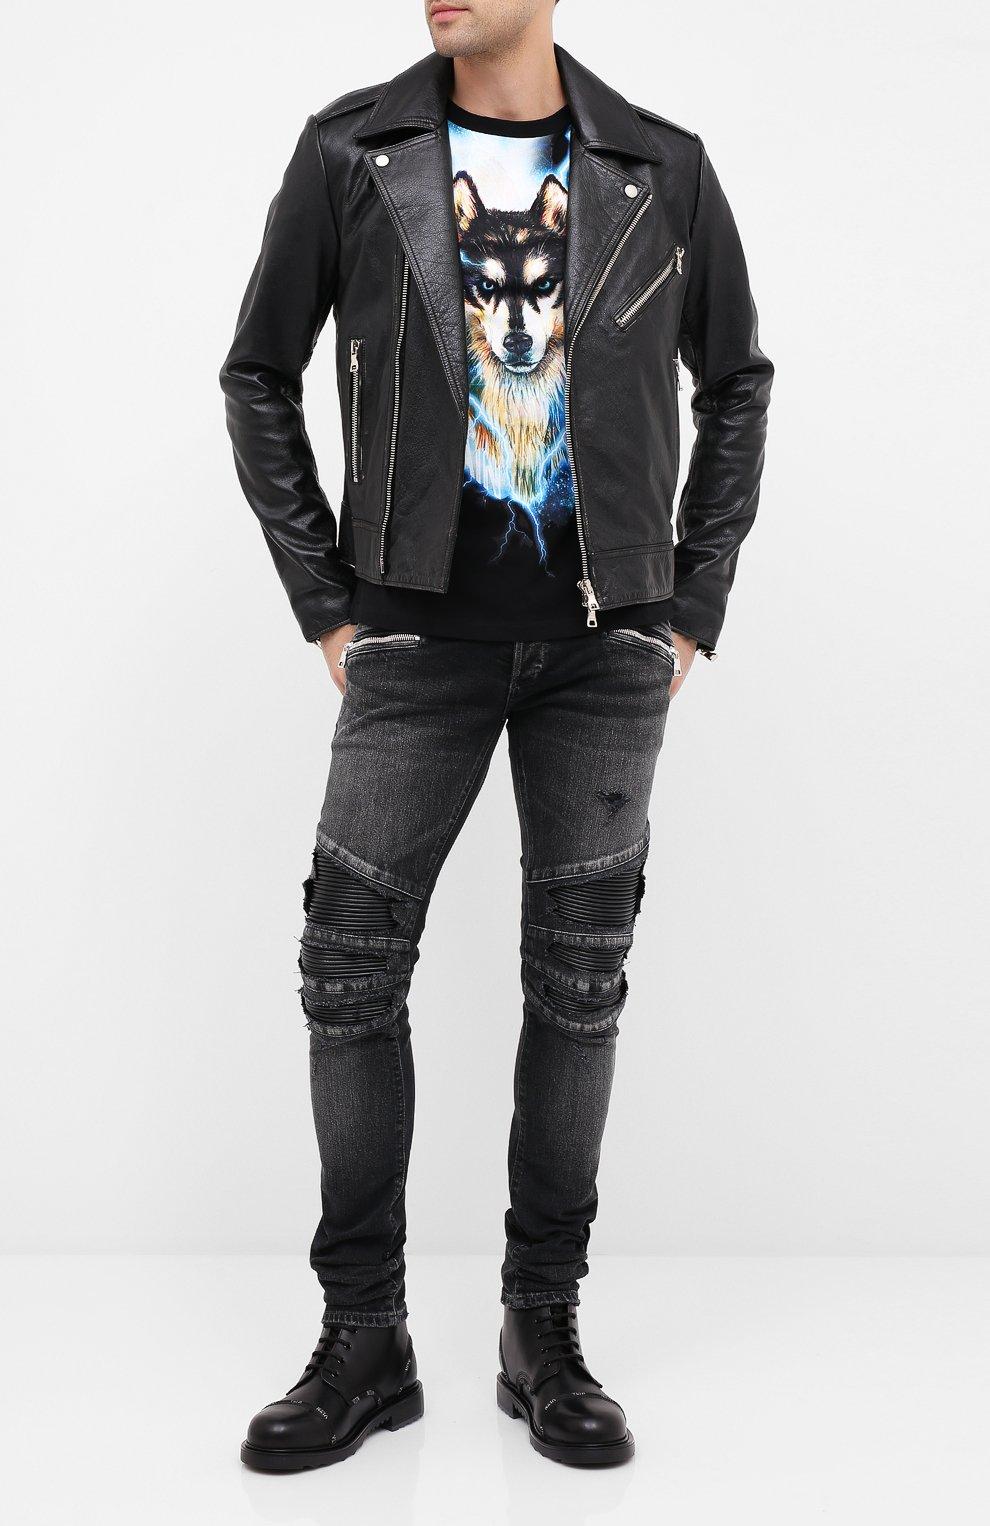 Мужская кожаная куртка BALMAIN черного цвета, арт. UH18137/Z307   Фото 2 (Кросс-КТ: Куртка; Рукава: Длинные; Мужское Кросс-КТ: Верхняя одежда, Кожа и замша; Длина (верхняя одежда): Короткие; Материал подклада: Хлопок)